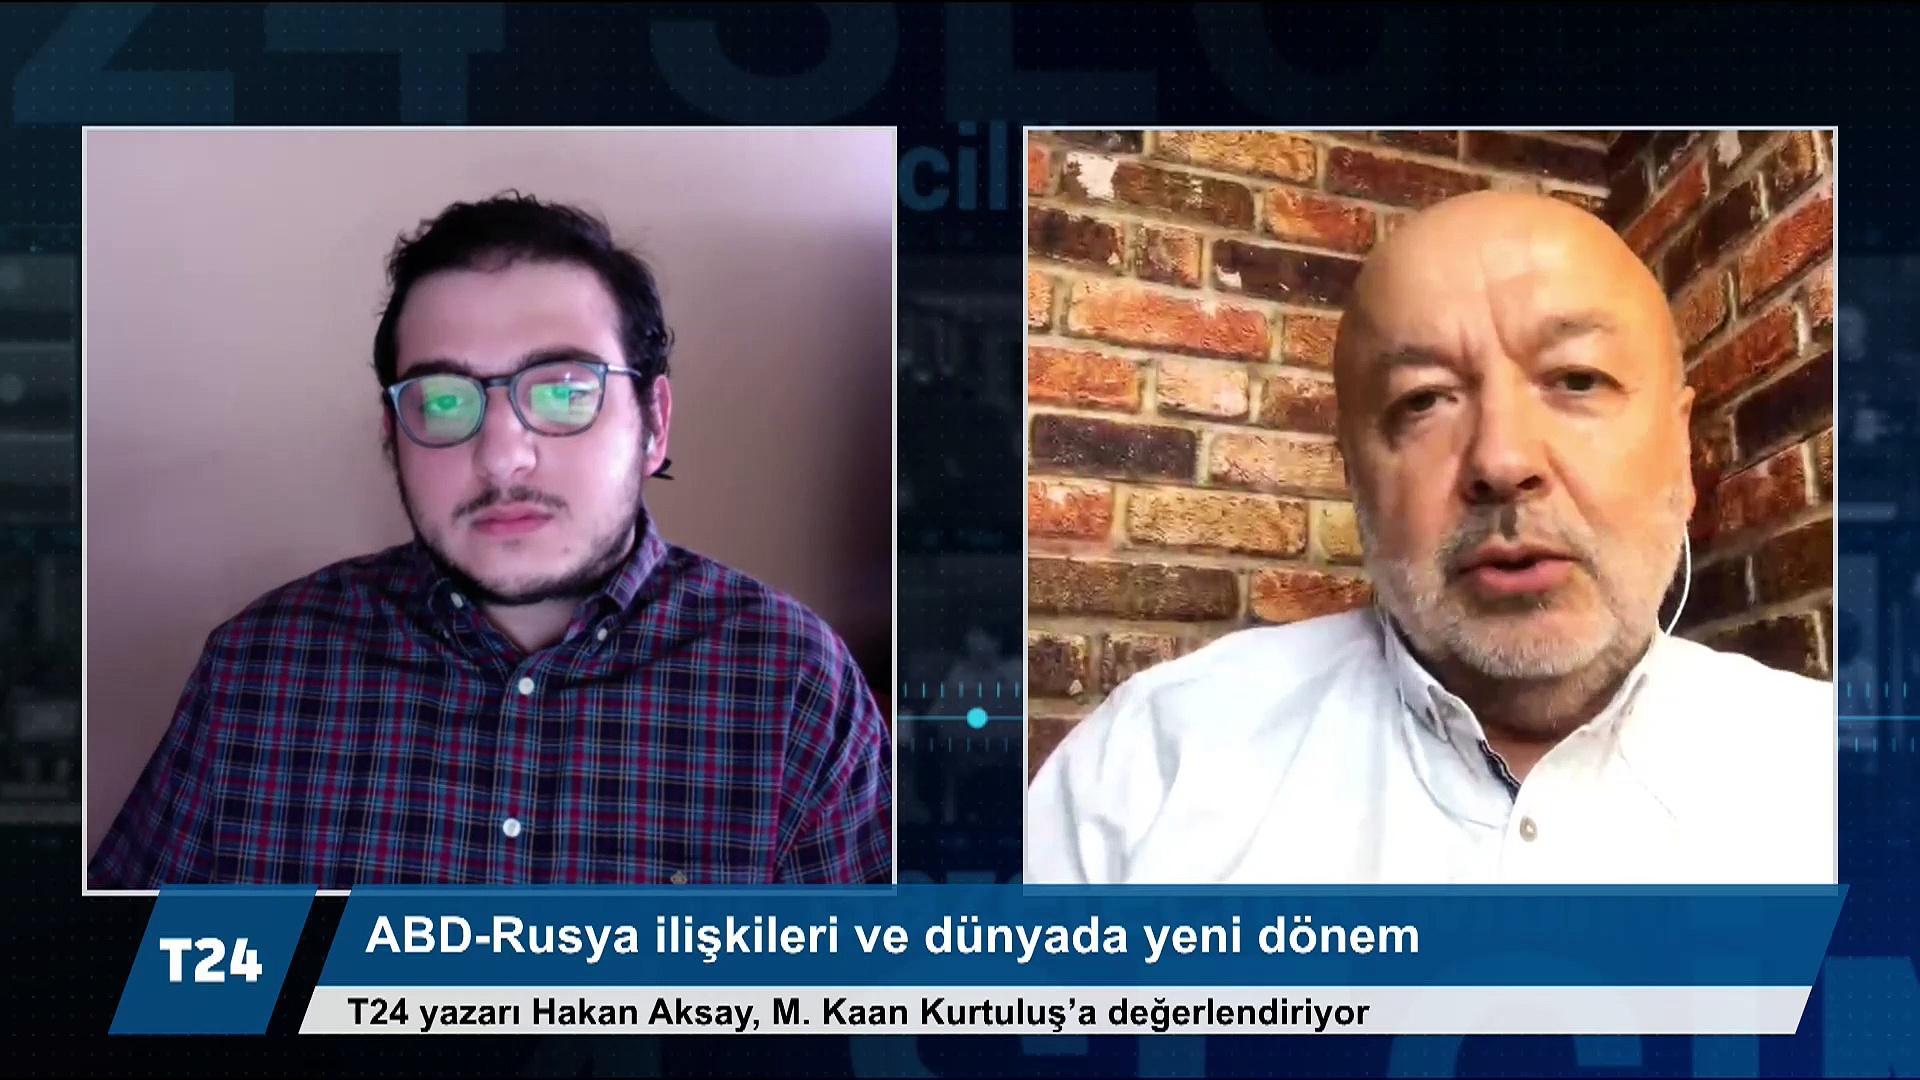 Hakan Aksay: Türkiye'nin her alanda hareketlenmesi Rusya'yı tedirgin ediyor; Türkiye'nin Afganistan'da işin içine girmesi Rusya'da tepkilere yol açtı